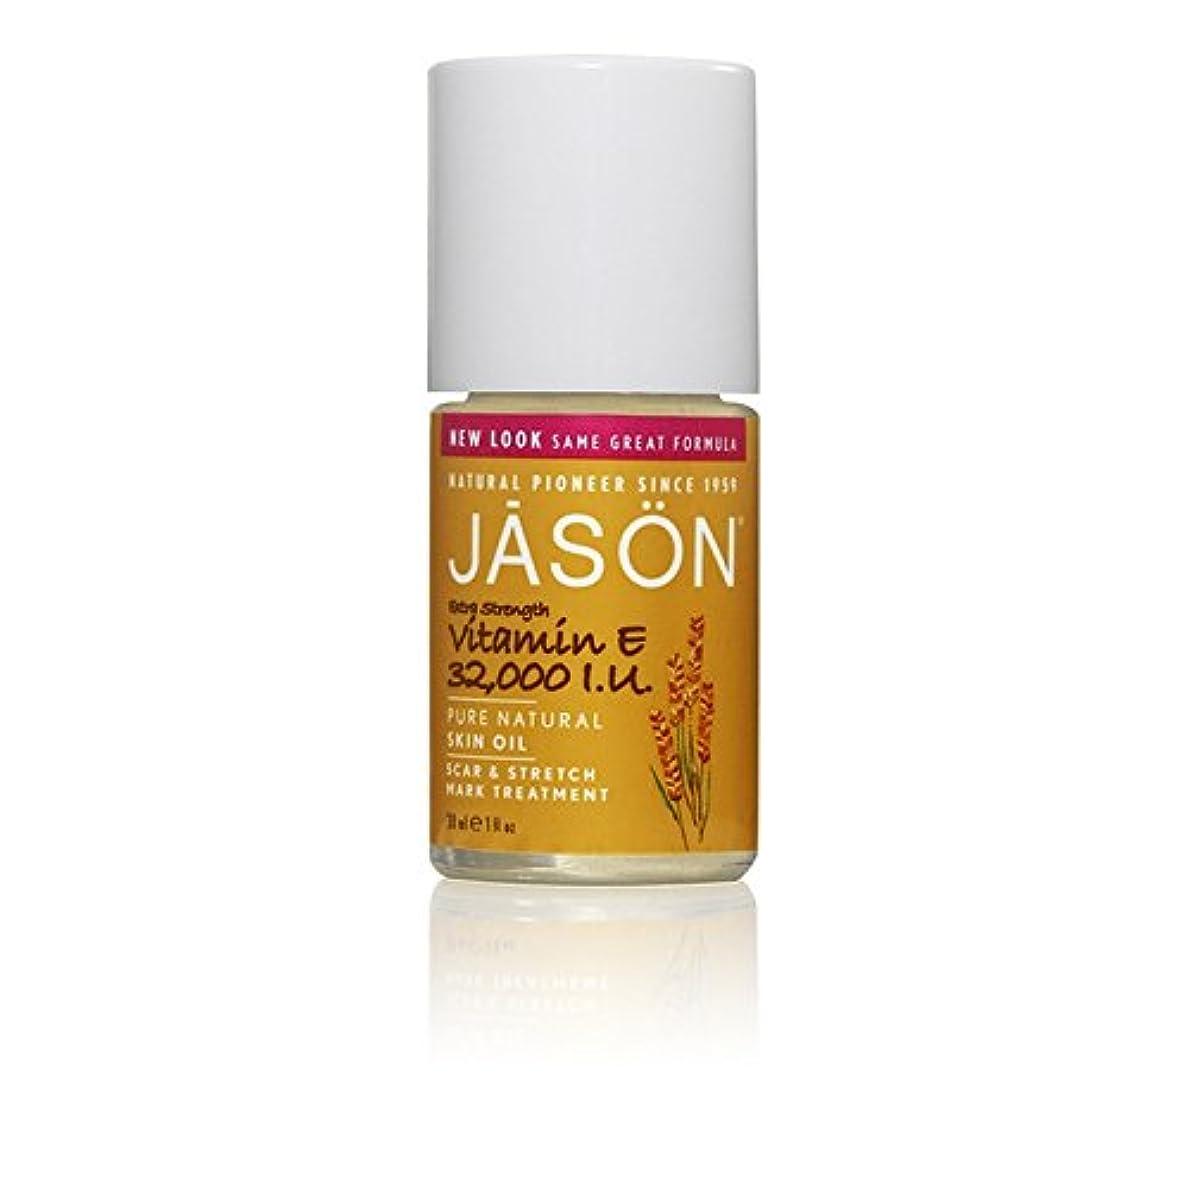 パフ聖なる絵Jason Vitamin E 32,000iu Oil Scar & Stretch Mark Treatment 33ml (Pack of 6) - ジェイソン?ビタミン 32,000オイル傷跡&ストレッチマークトリートメント...